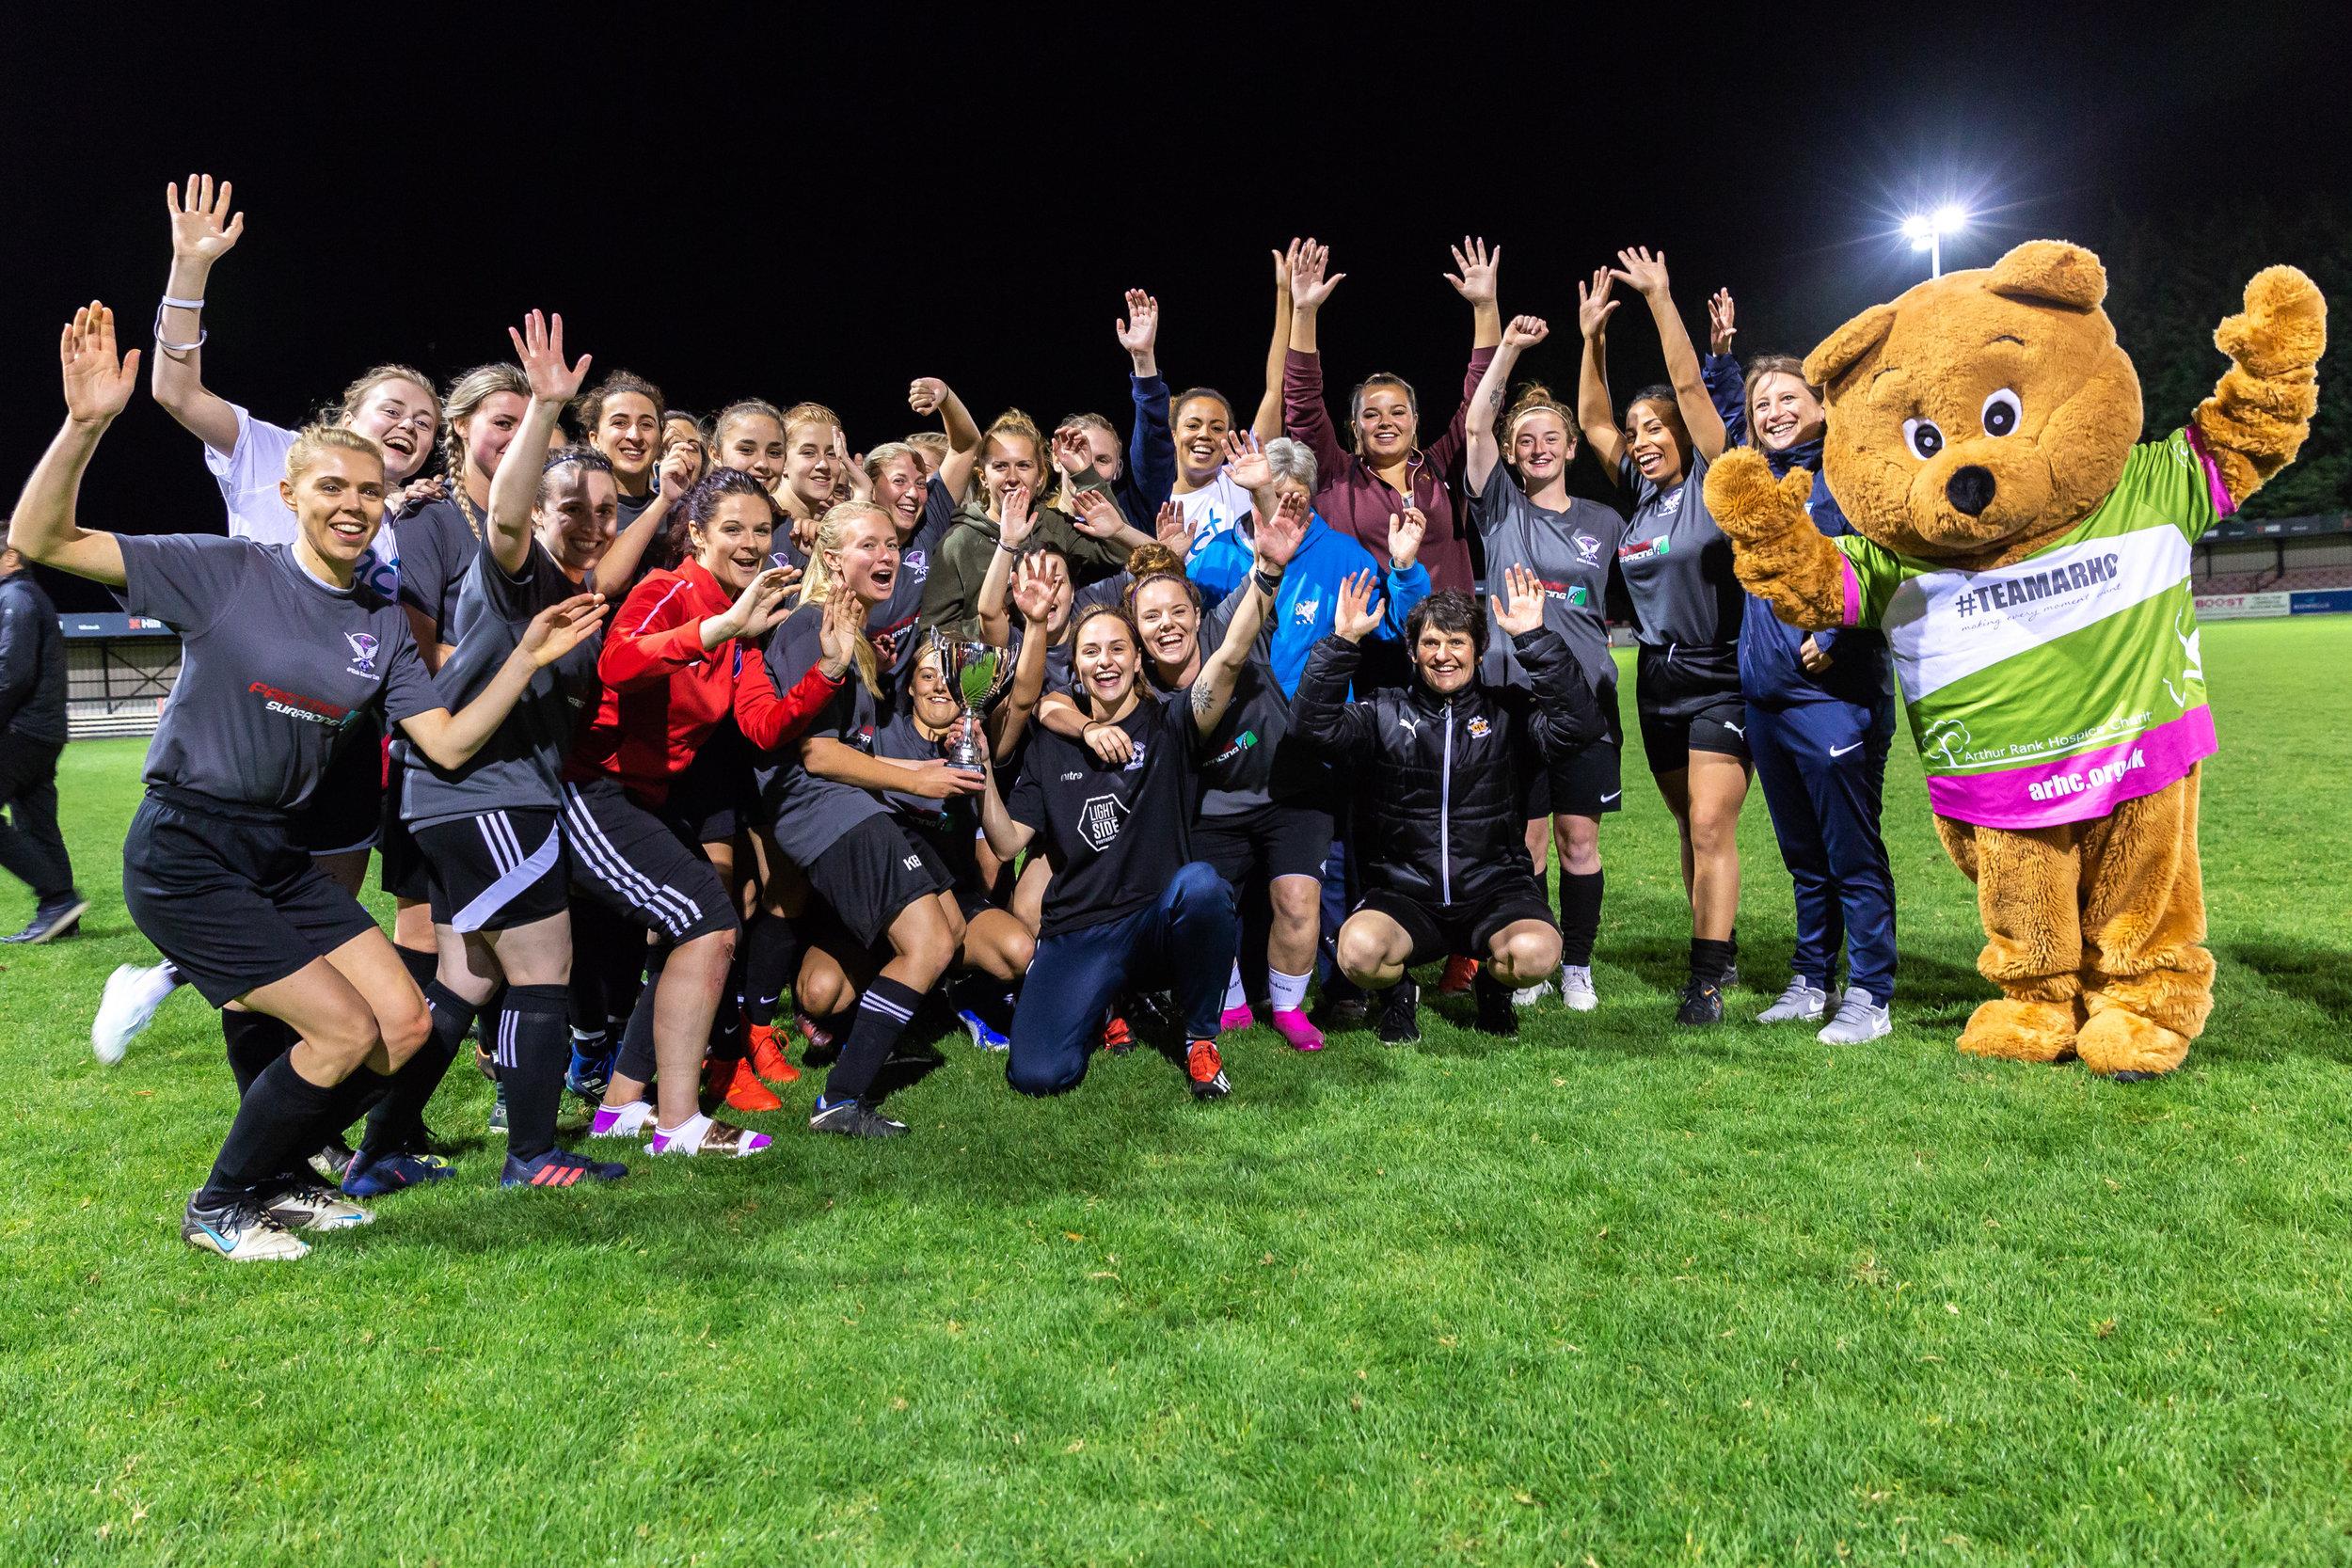 KICK CANCER CUP WINNERS 2019 - STEC XI